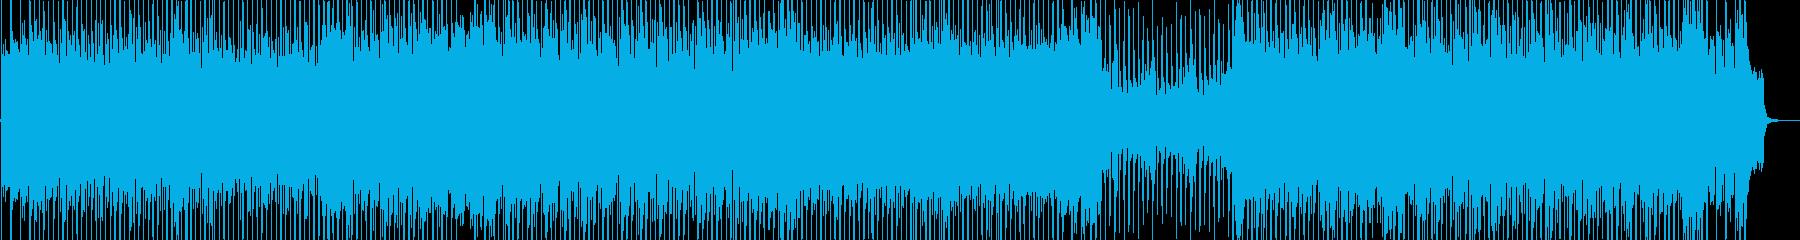 ワクワク感のあるシンセサイザーポップの再生済みの波形